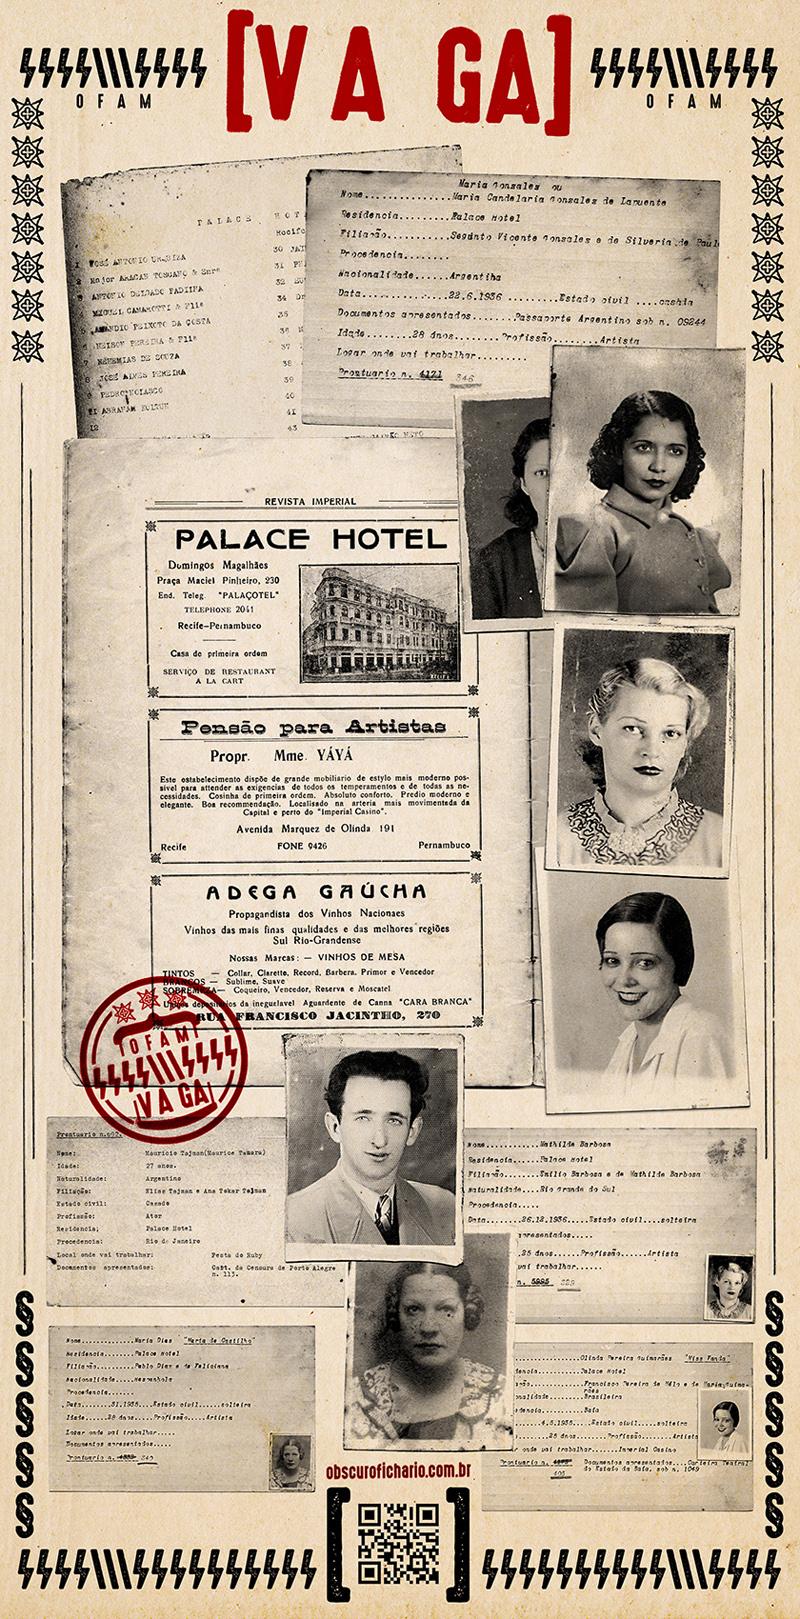 lambelambe_[V A  GA]_PALACE_HOTEL_menor